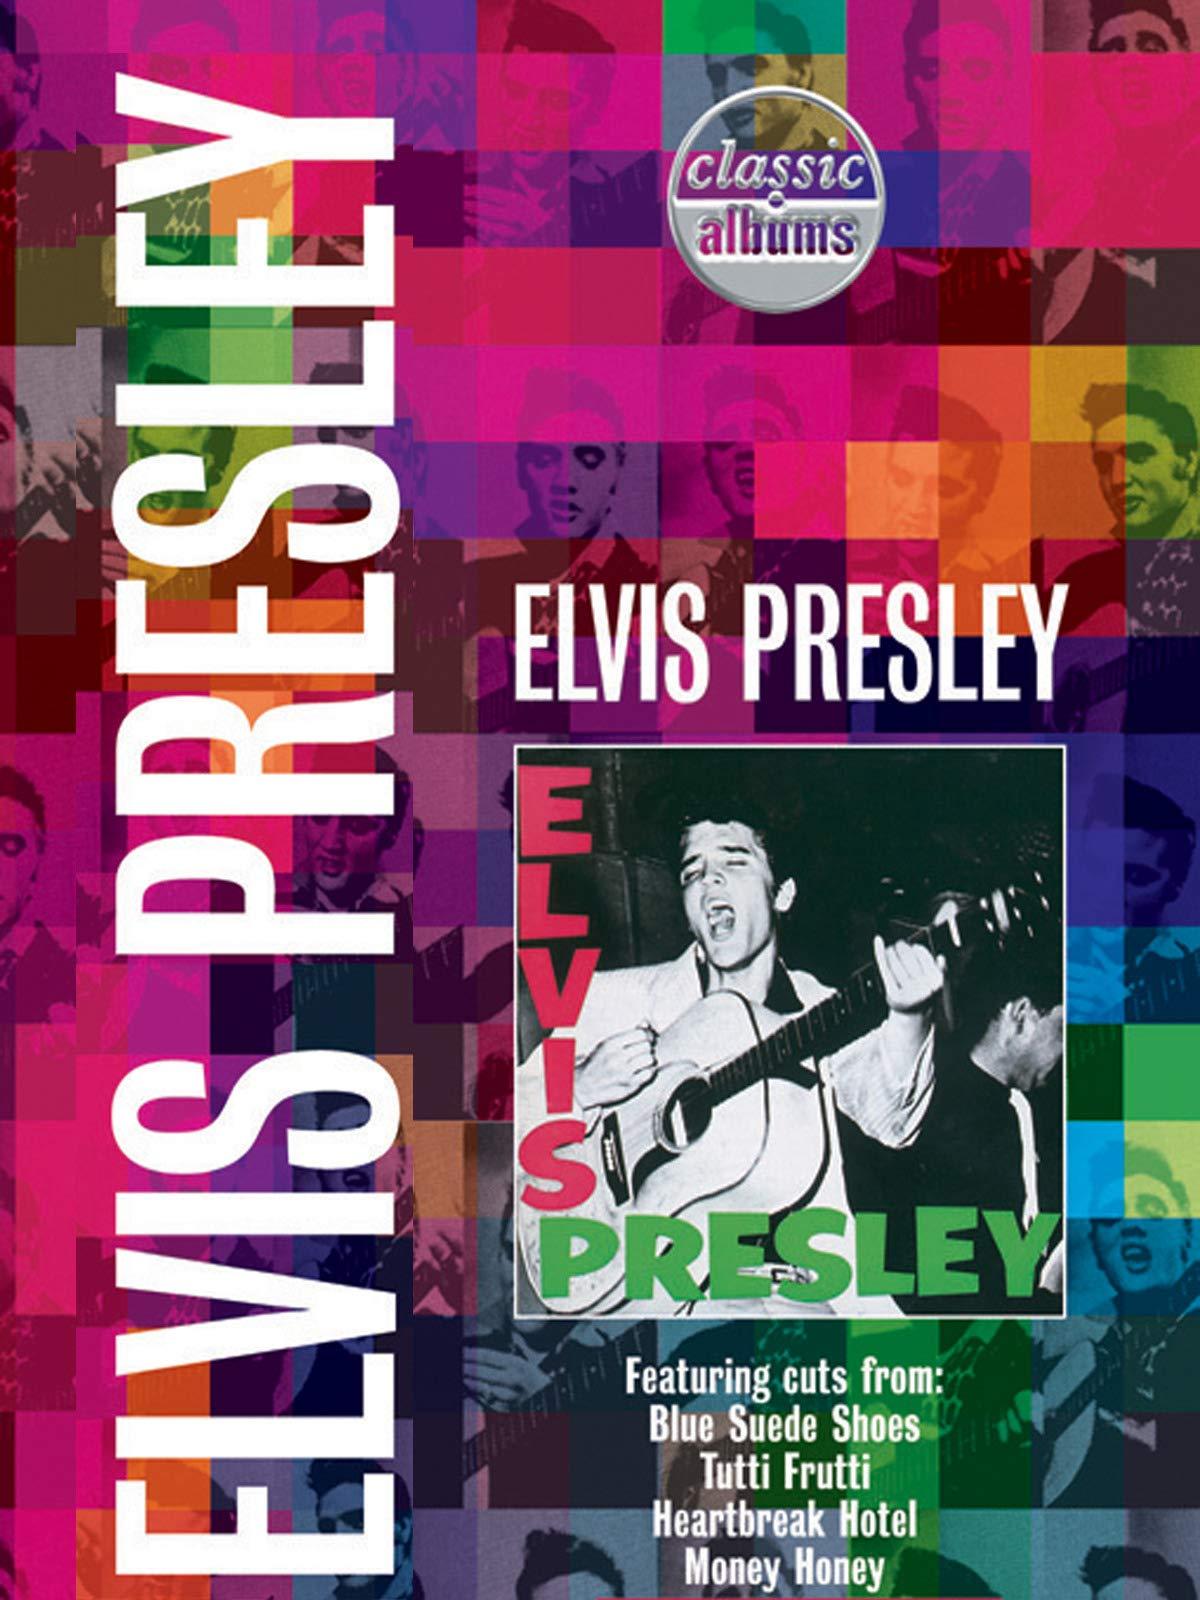 Elvis Presley - Elvis Presley (Classic Album) on Amazon Prime Instant Video UK